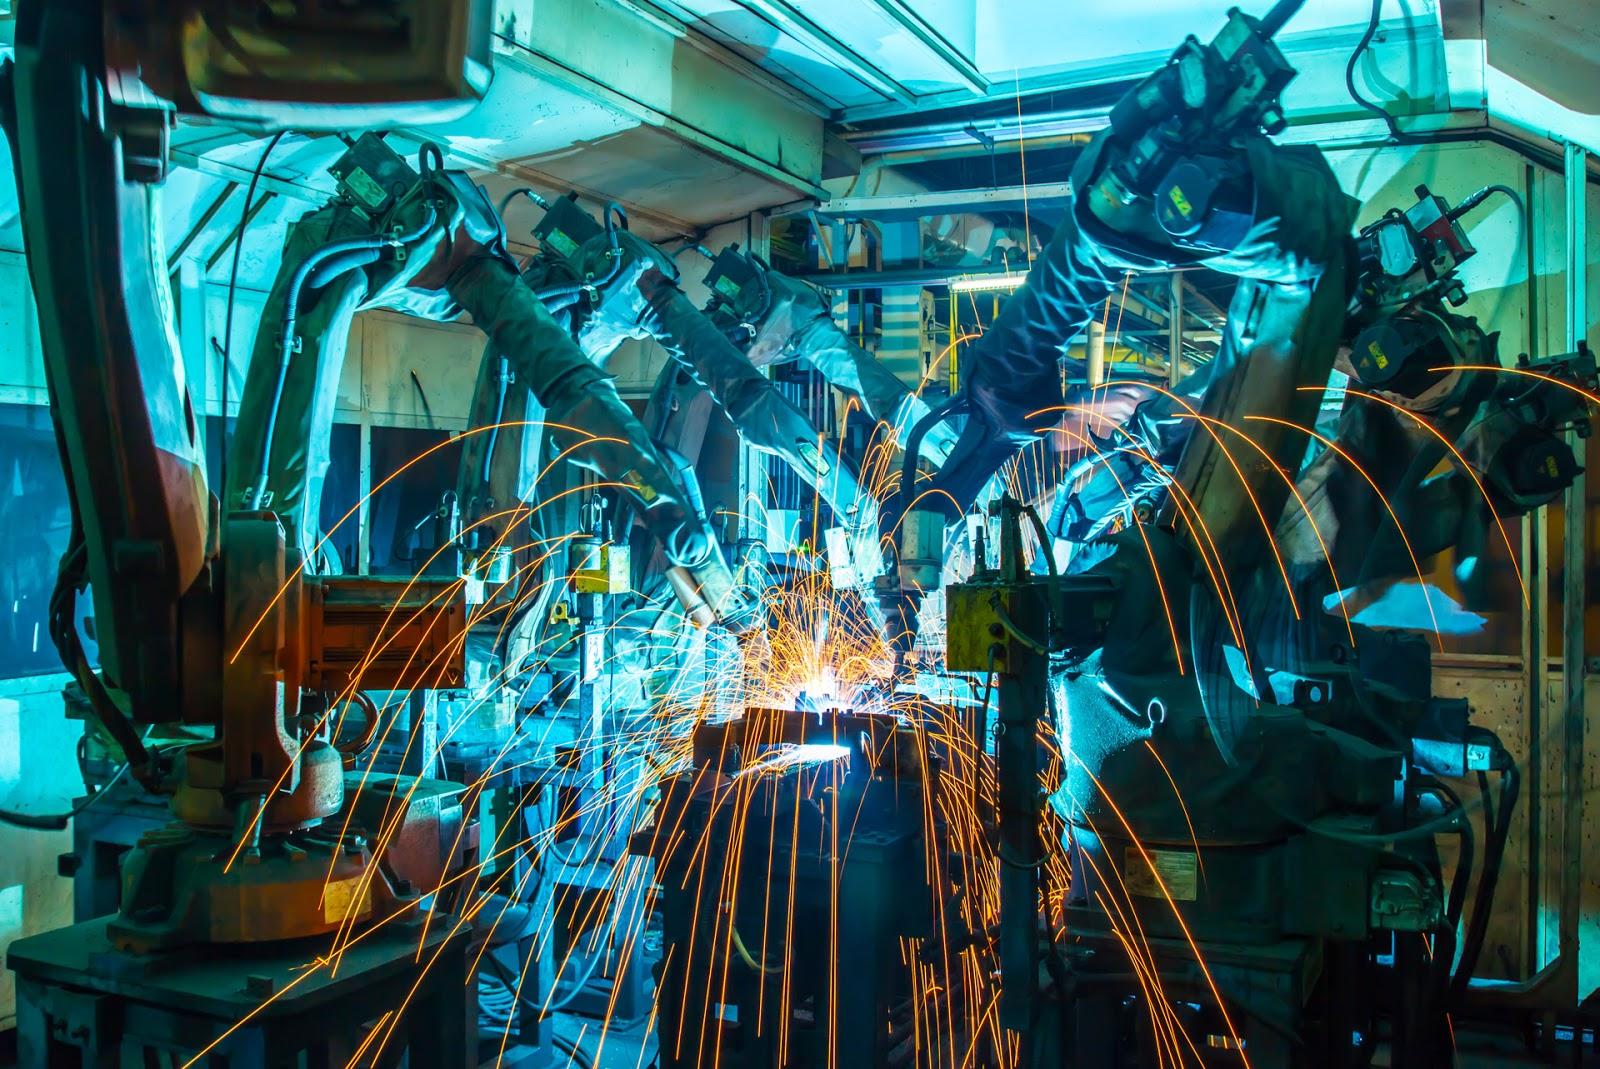 Industria meccanica, aumentano gli investimenti 4.0